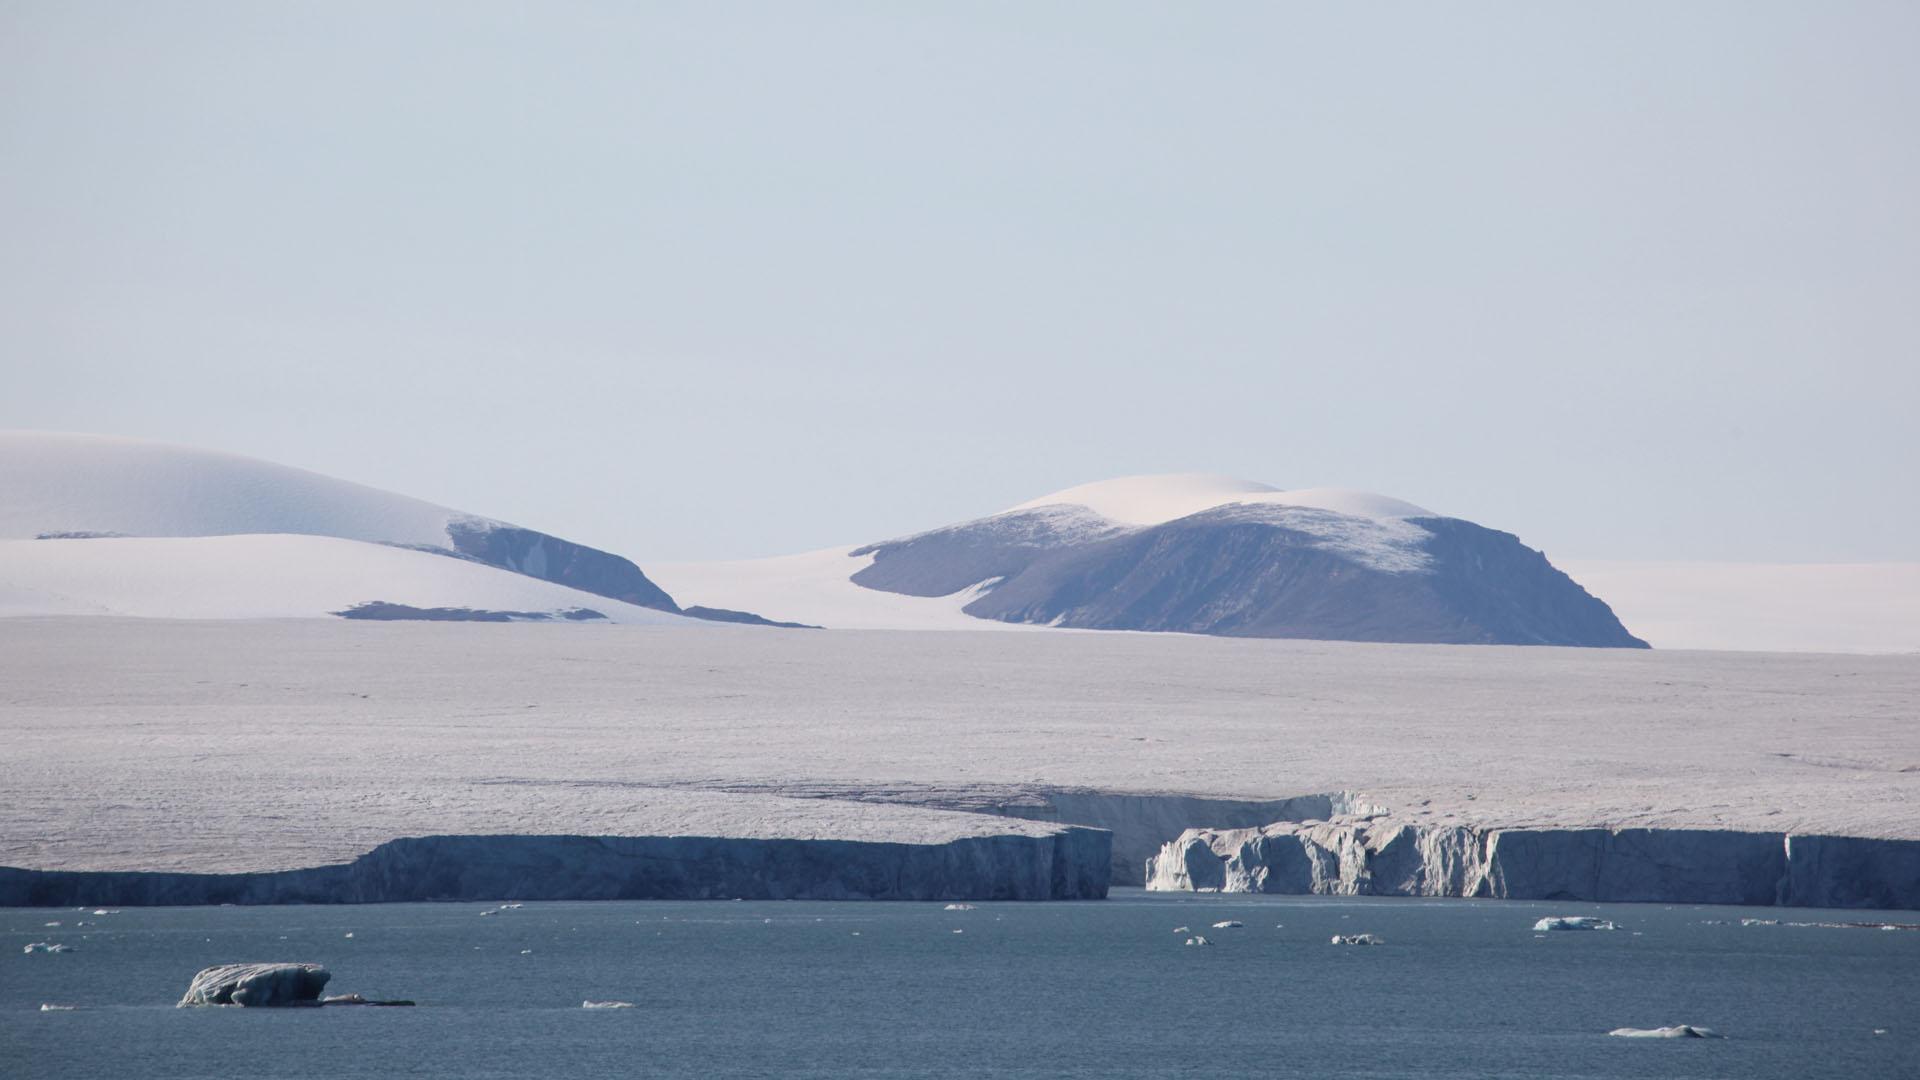 Tuvaijuittuq: Das letzte Eis